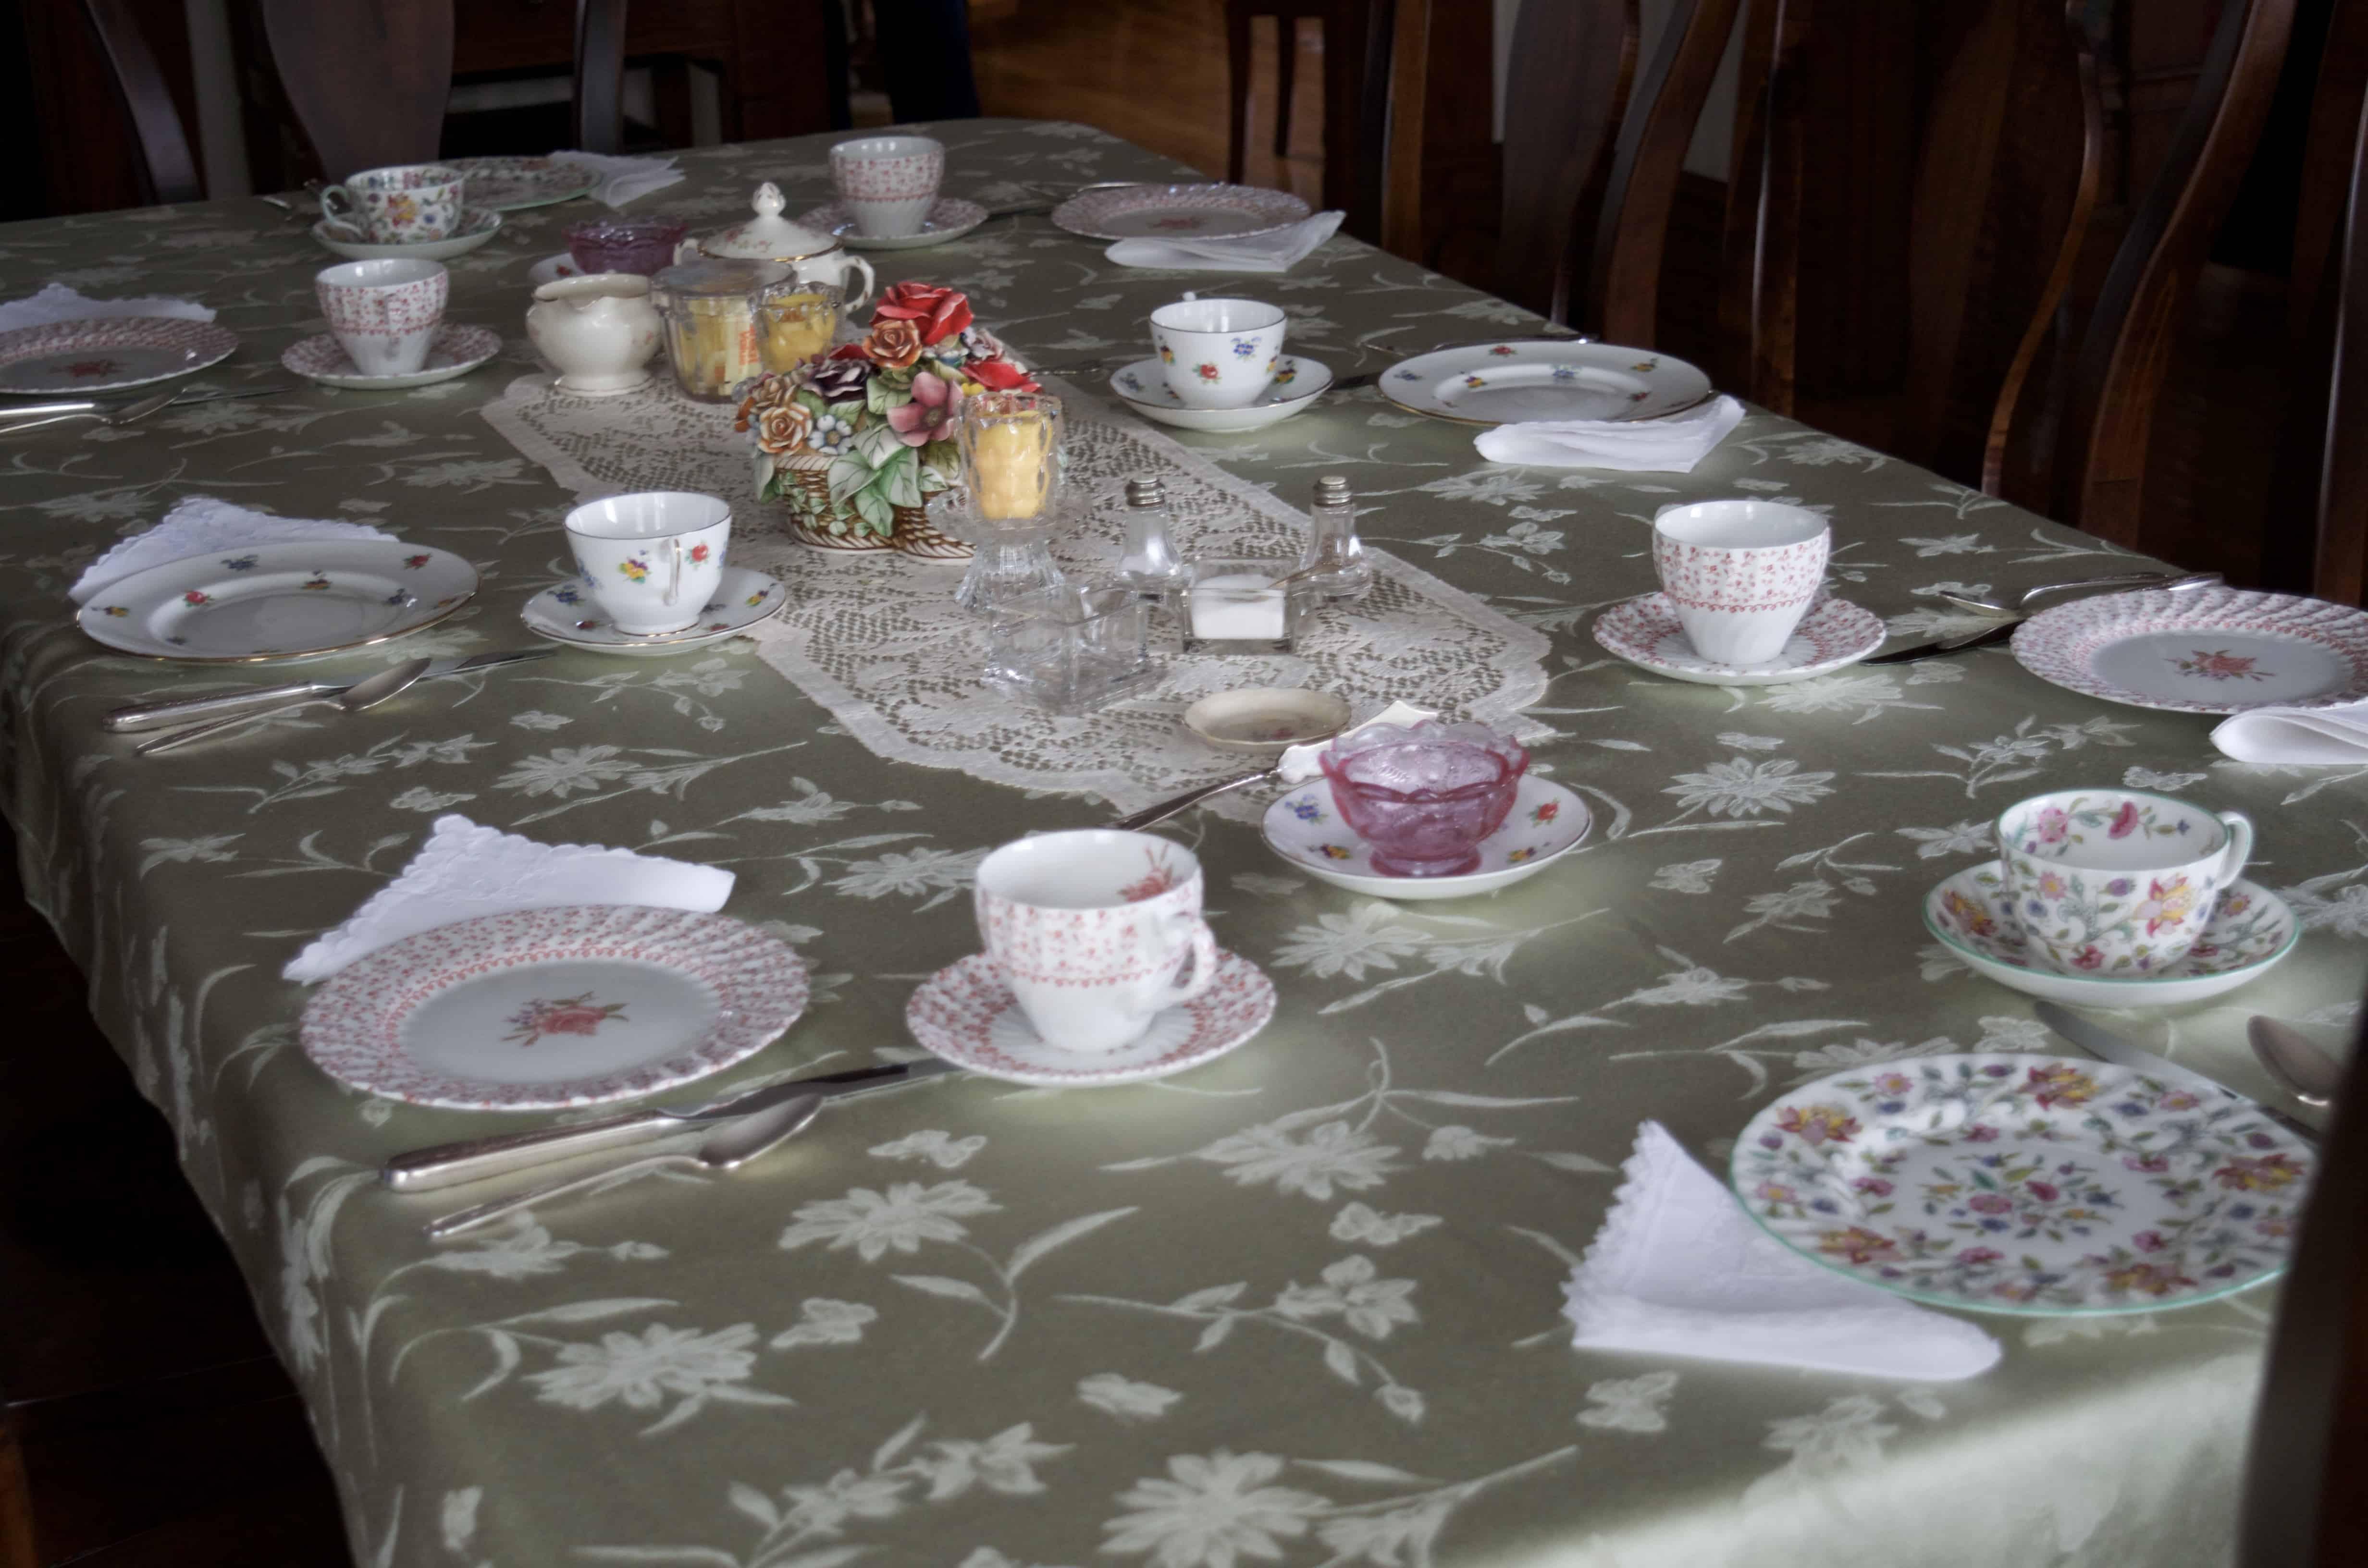 tea room in Marietta, Ohio